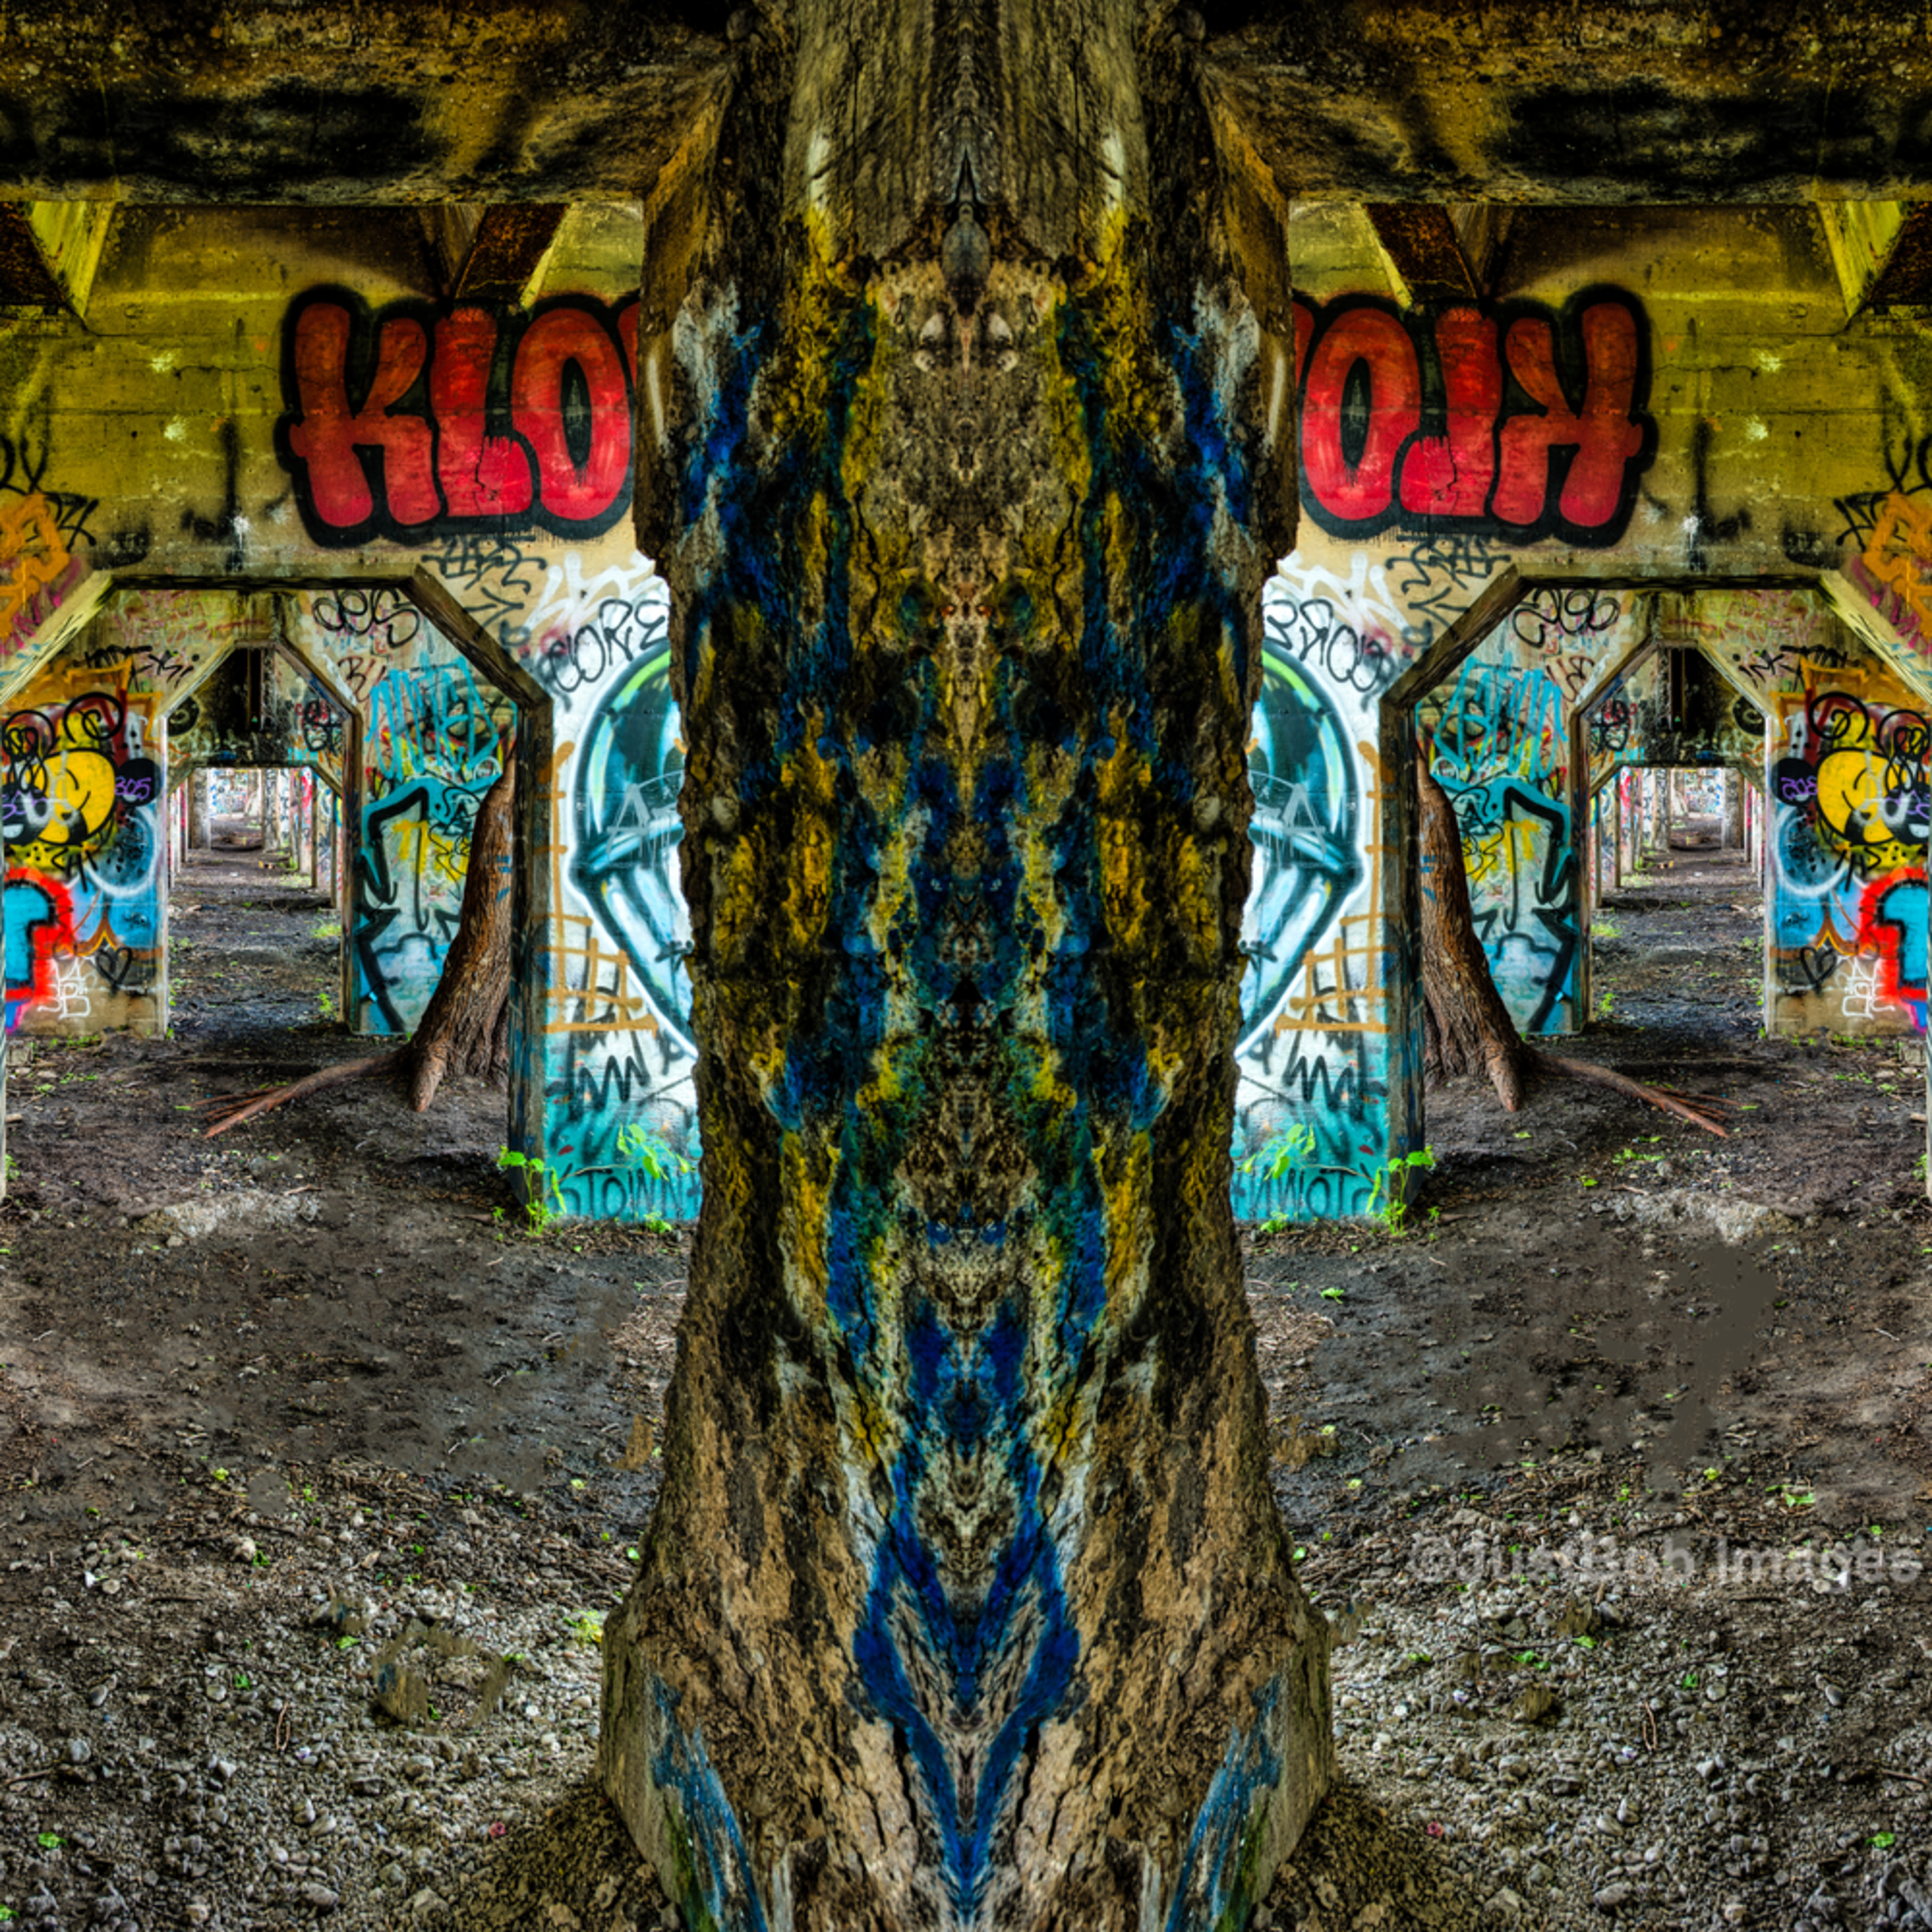 Graffiti 20160611 0515 aurorahdr hdr edit tg1kke